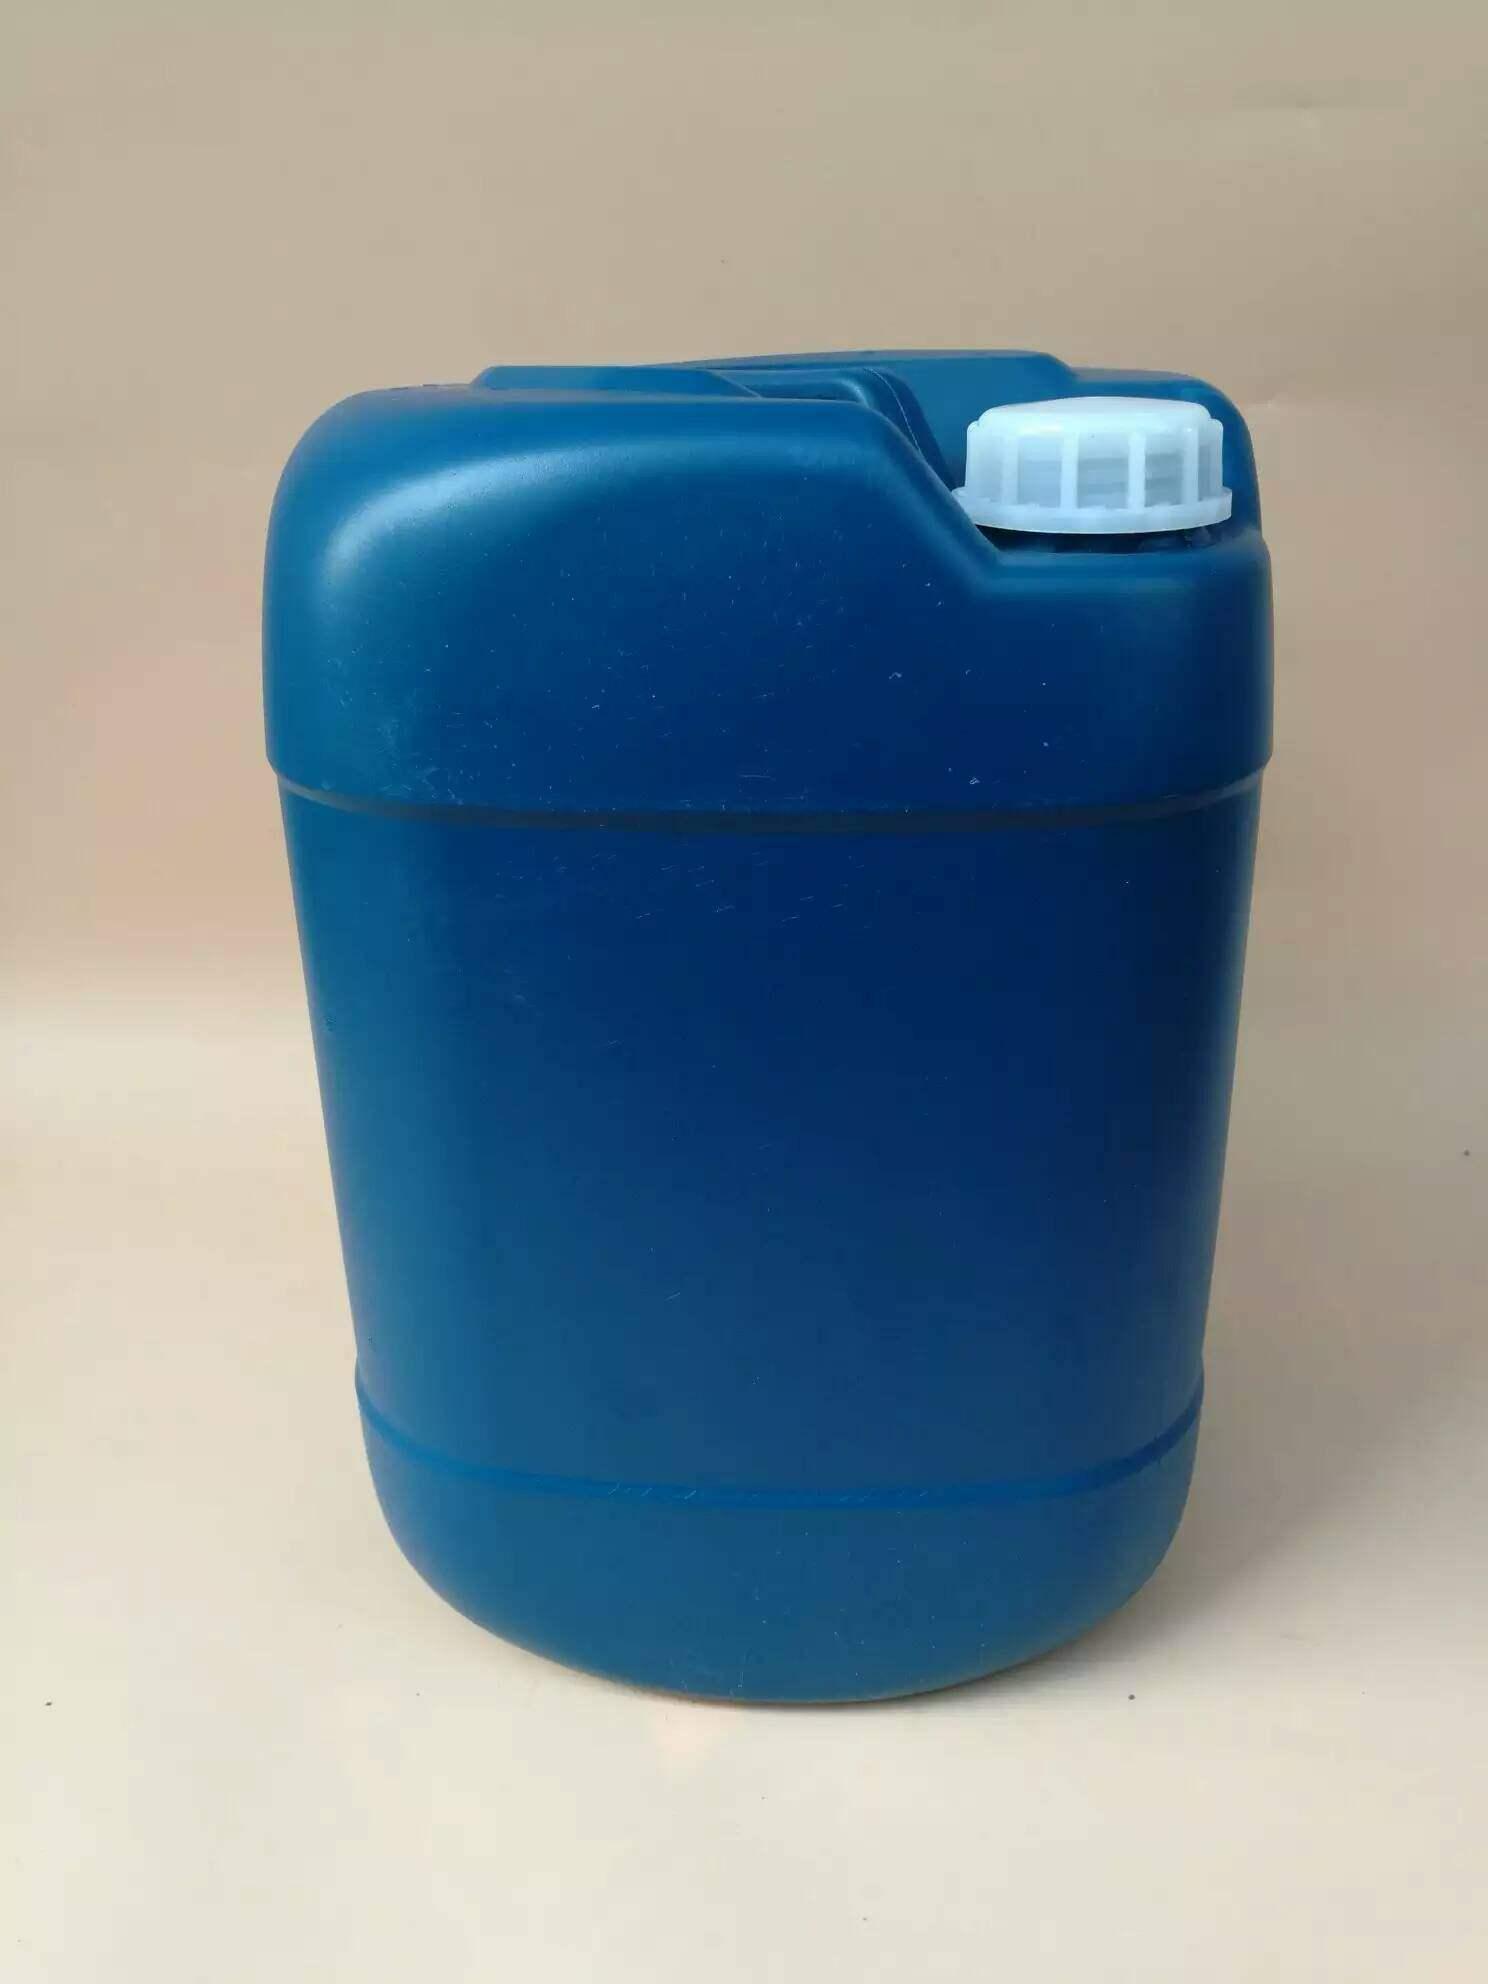 塑料水桶,塑料水桶供应商,水桶